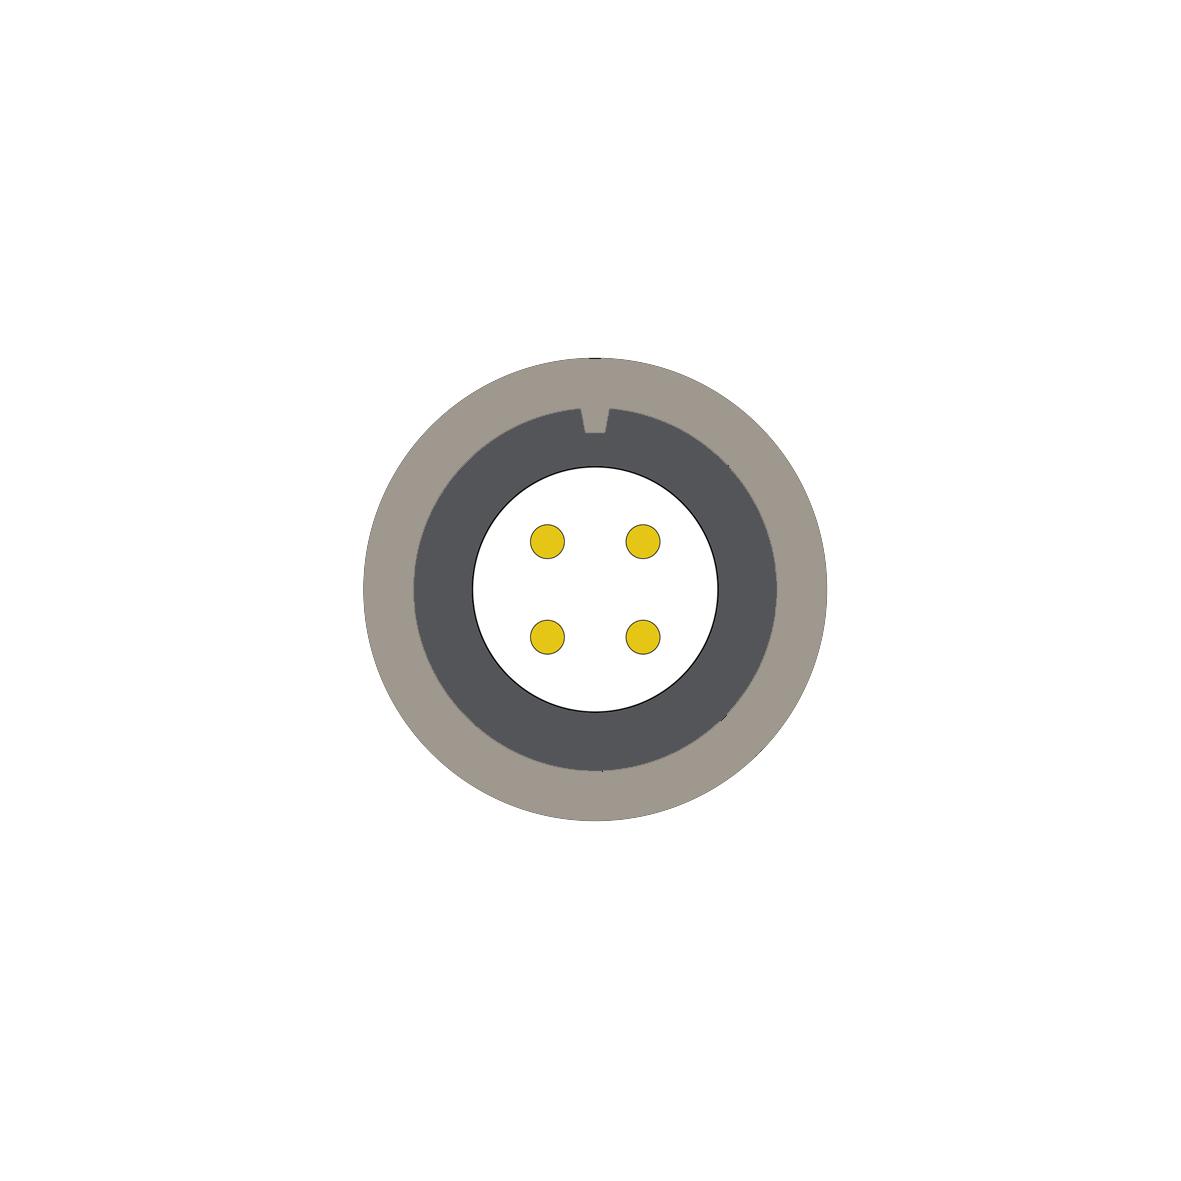 14V (0) 4 way connector